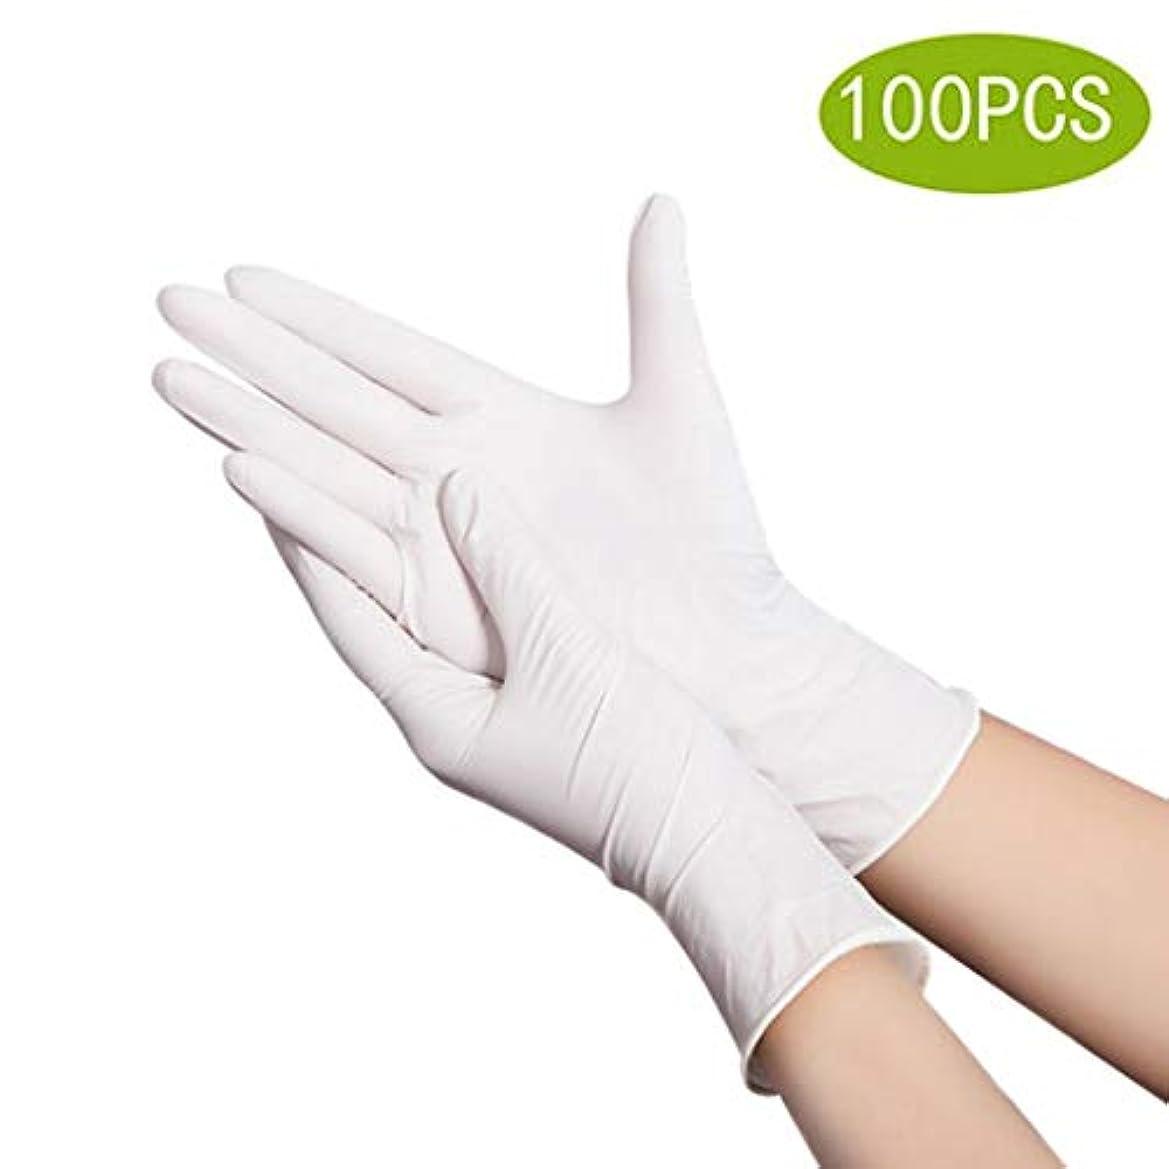 チロ例外非公式ニトリル手袋4ミル厚ヘビーデューティー使い捨て手袋 - 工業用および家庭用 - パウダーフリー - ナチュラルホワイト(100カウント) (Size : S)